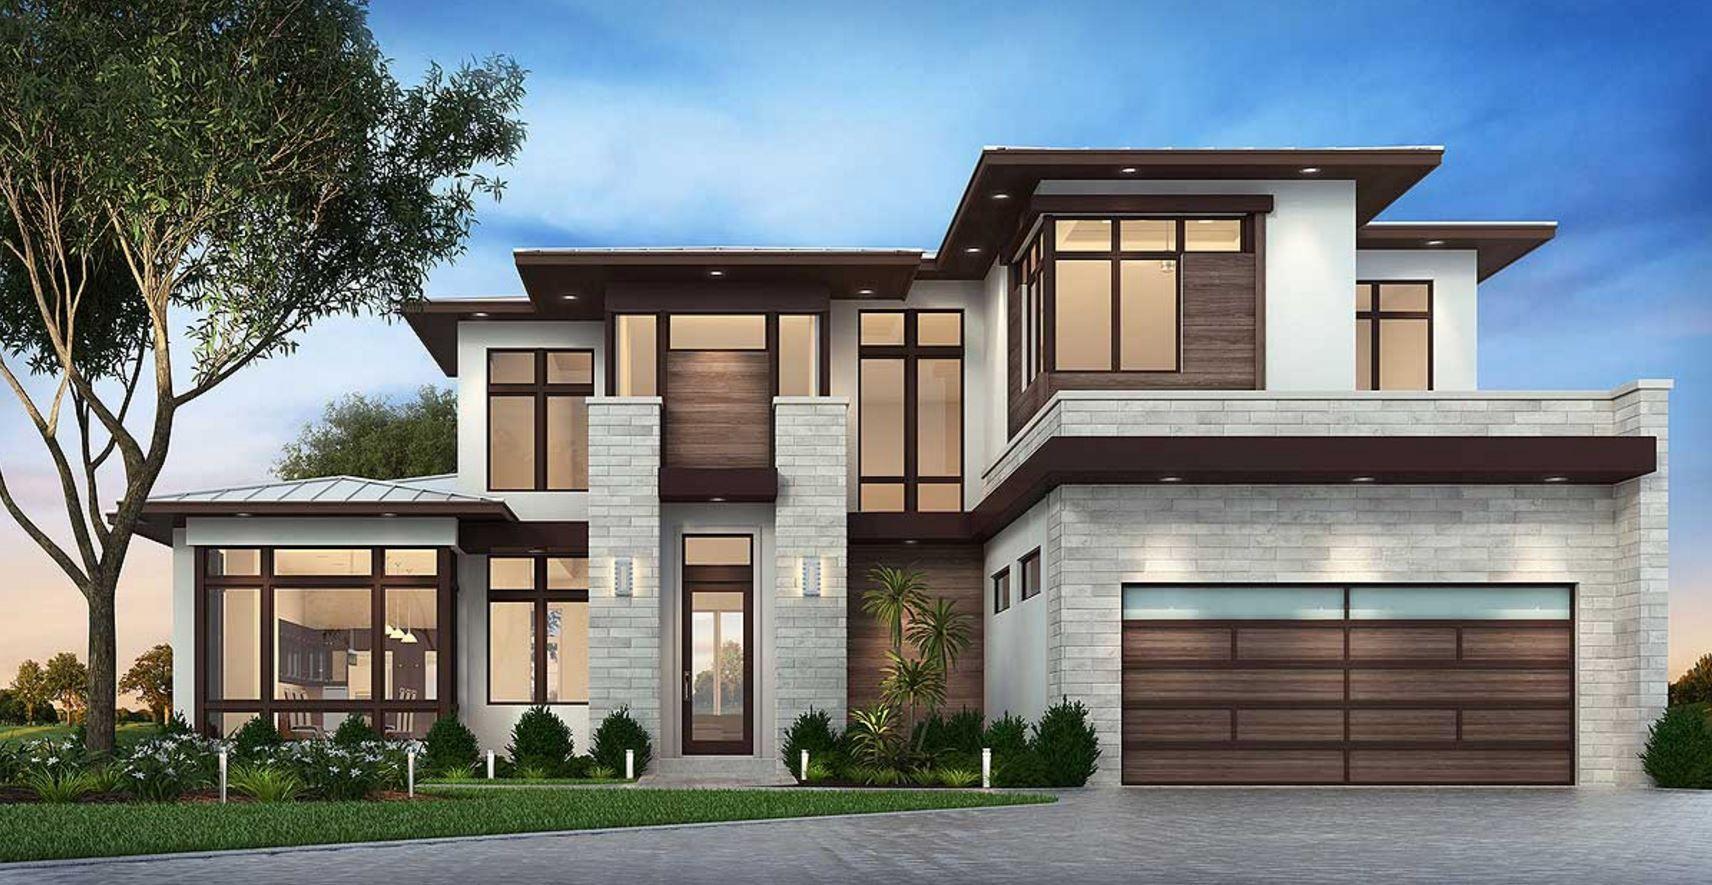 Casa moderna de 350 metros cuadrados arquitectura en for Casa moderna orari